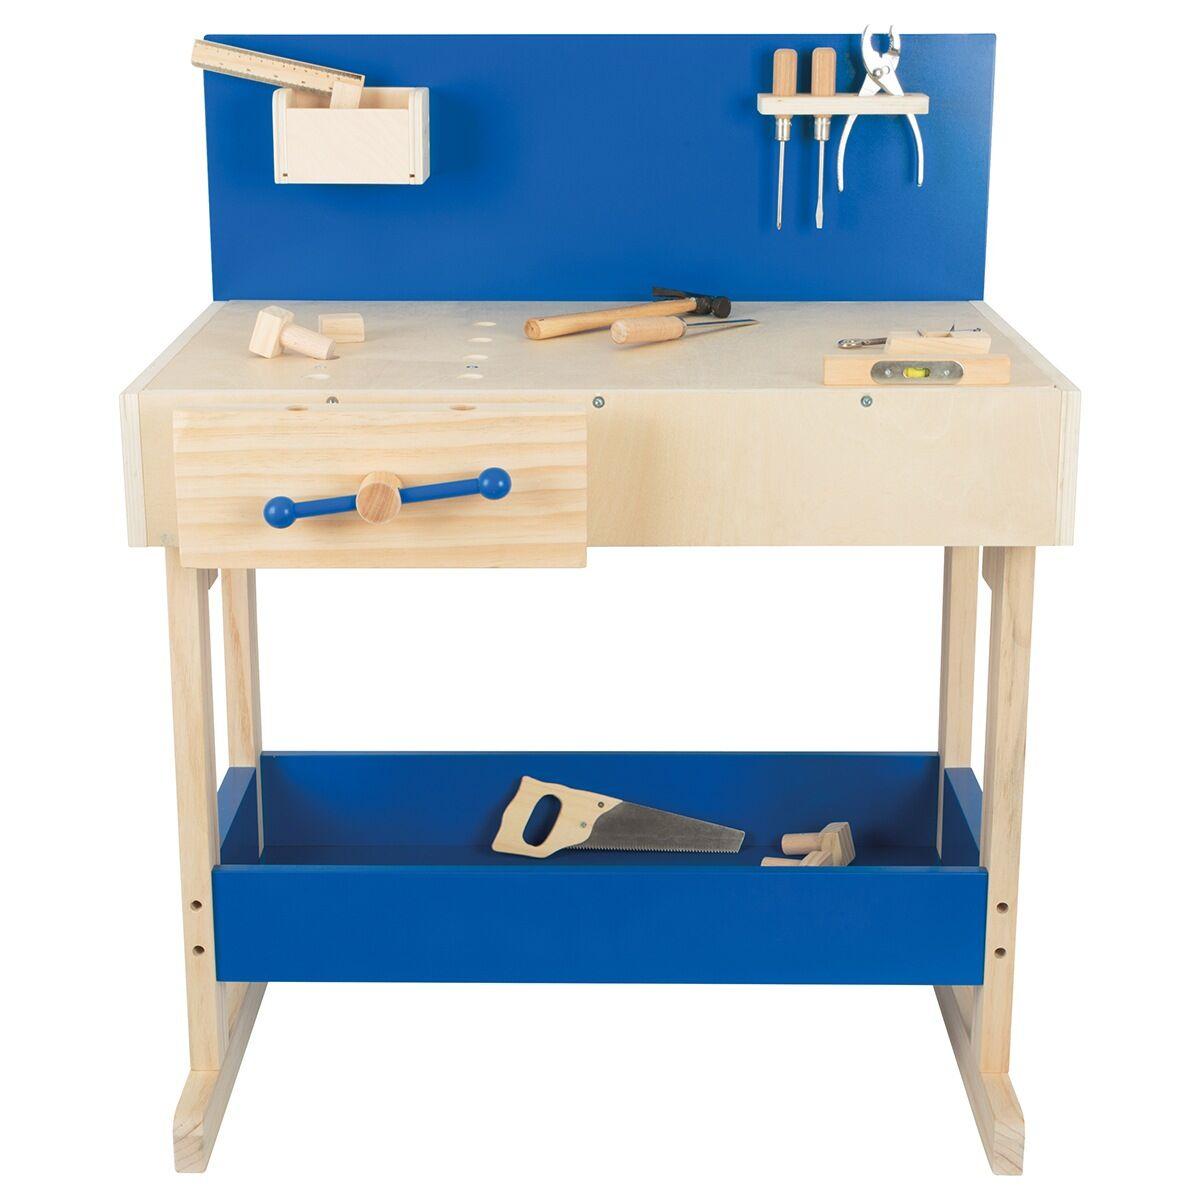 Kinderwerkbank Mit Echtem Werkzeug Basteln Selber Machen Zeit Shop